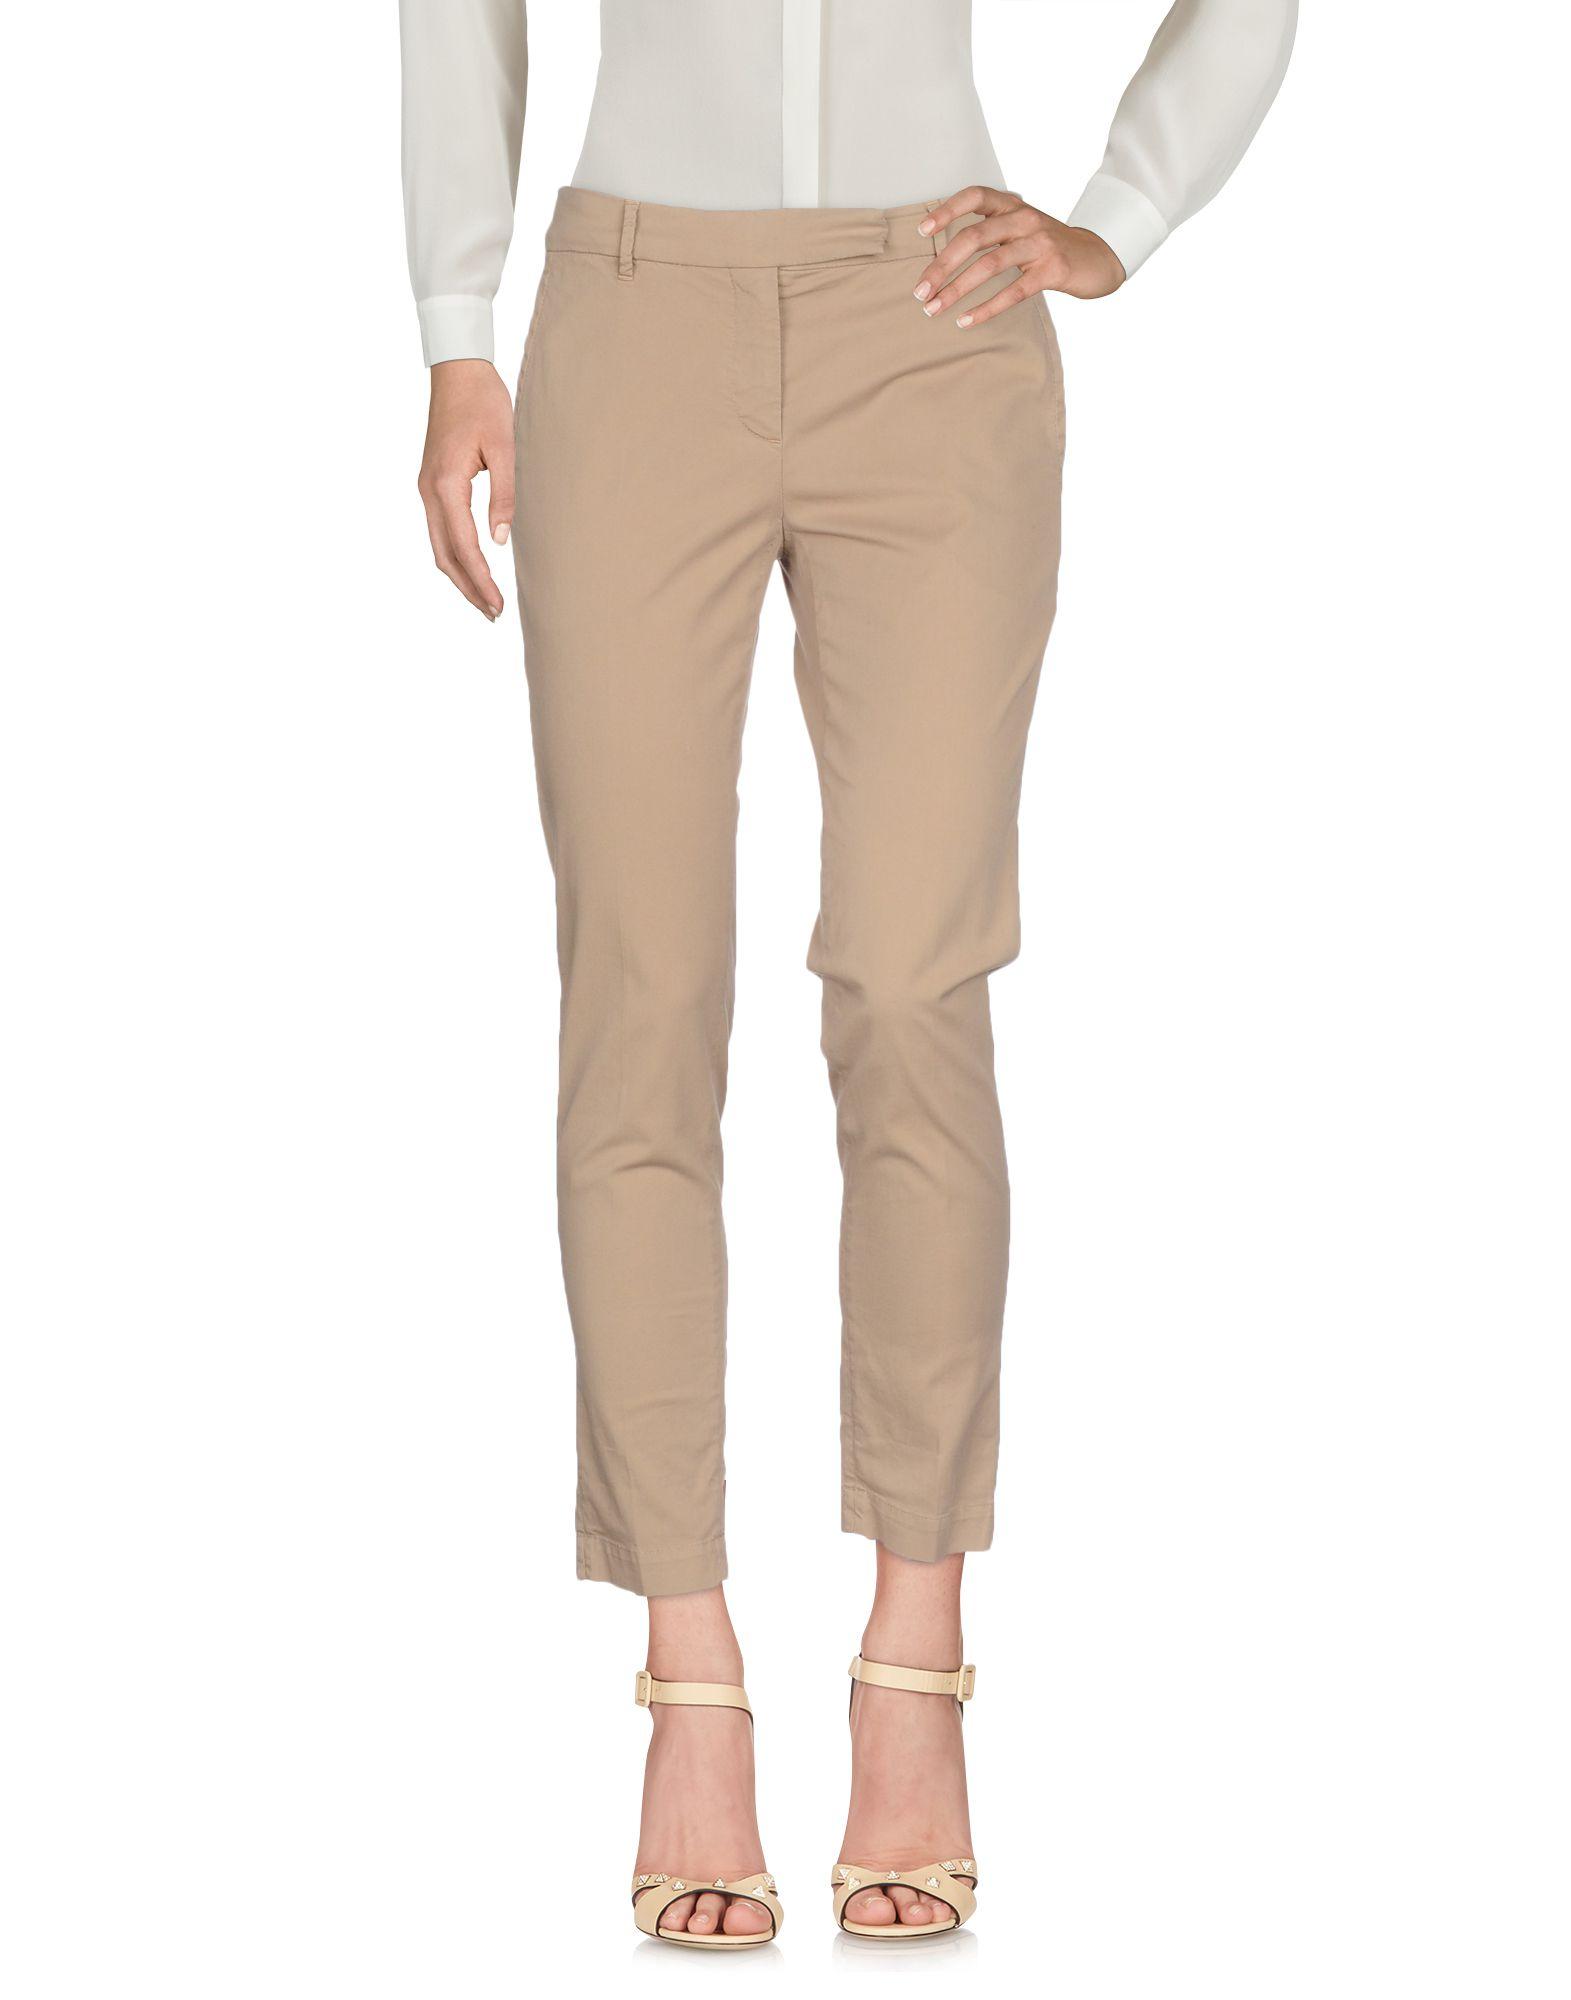 Pantalone Brunello Cucinelli Donna - Acquista online su 3Fjwgu4e